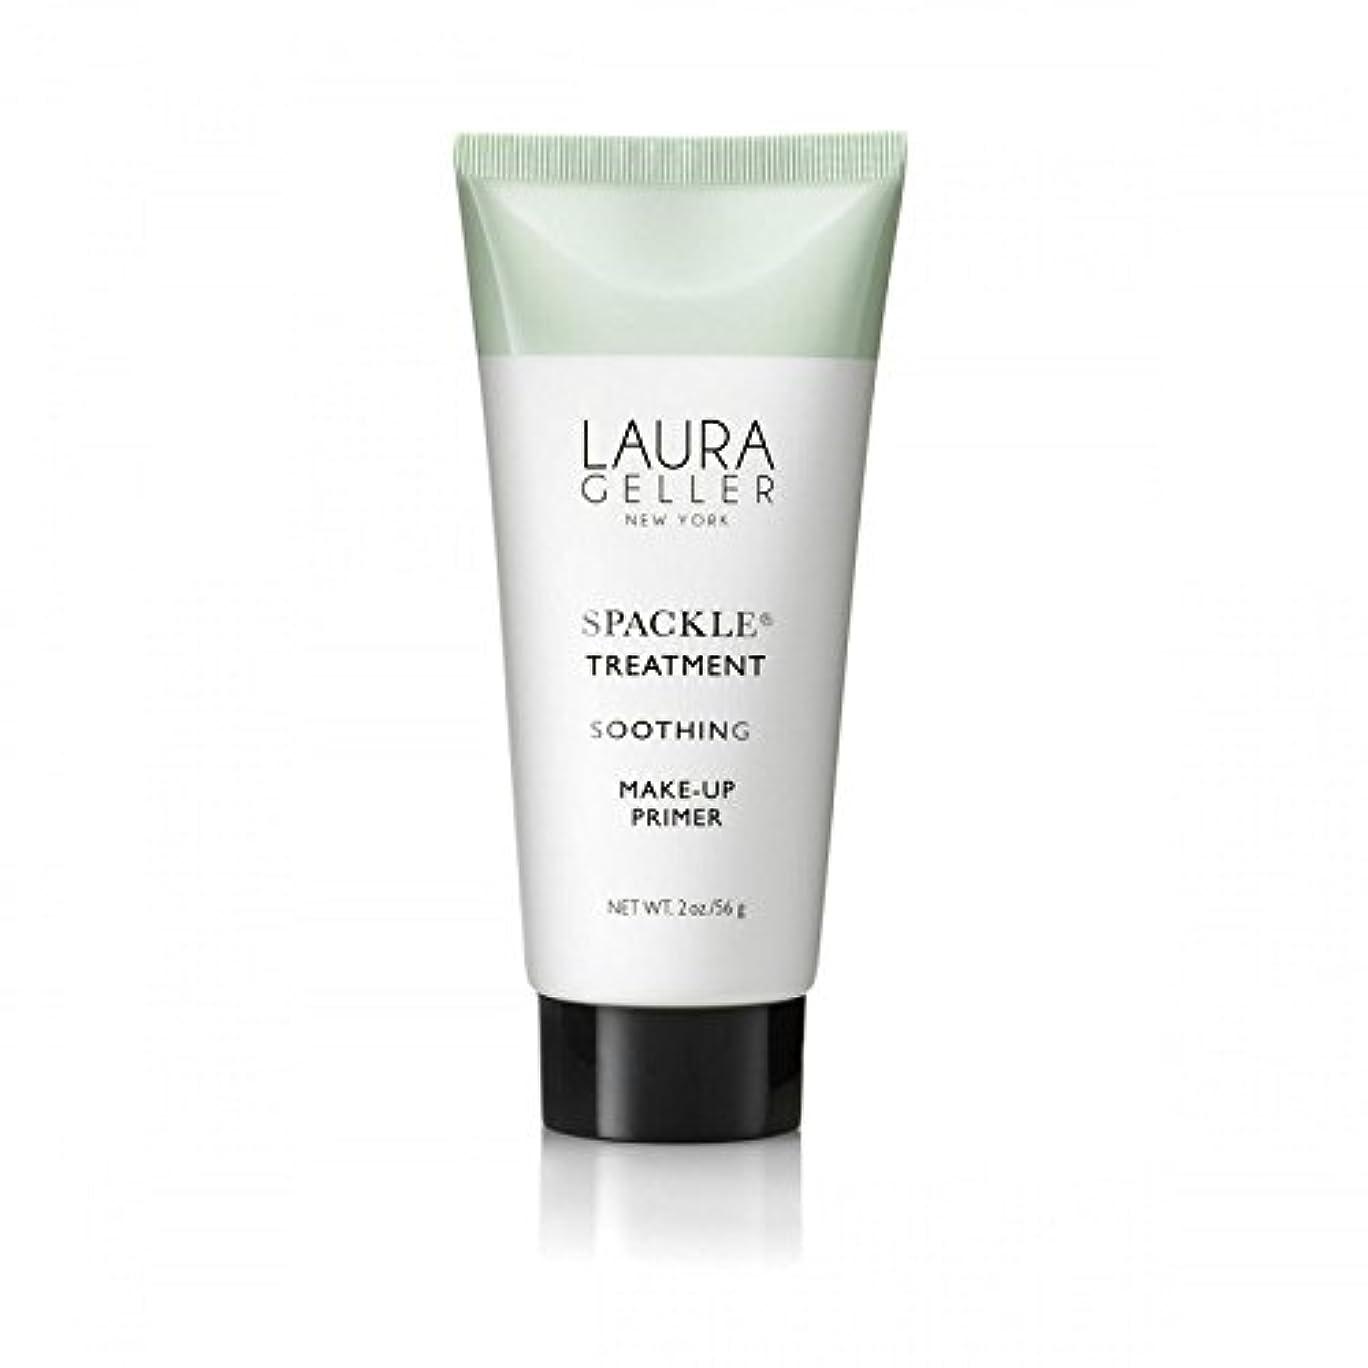 カストディアンピル韓国Laura Geller Spackle Treatment Under Make-Up Primer Soothing - メイクアッププライマー癒しの下のローラ・ゲラー 処理 [並行輸入品]